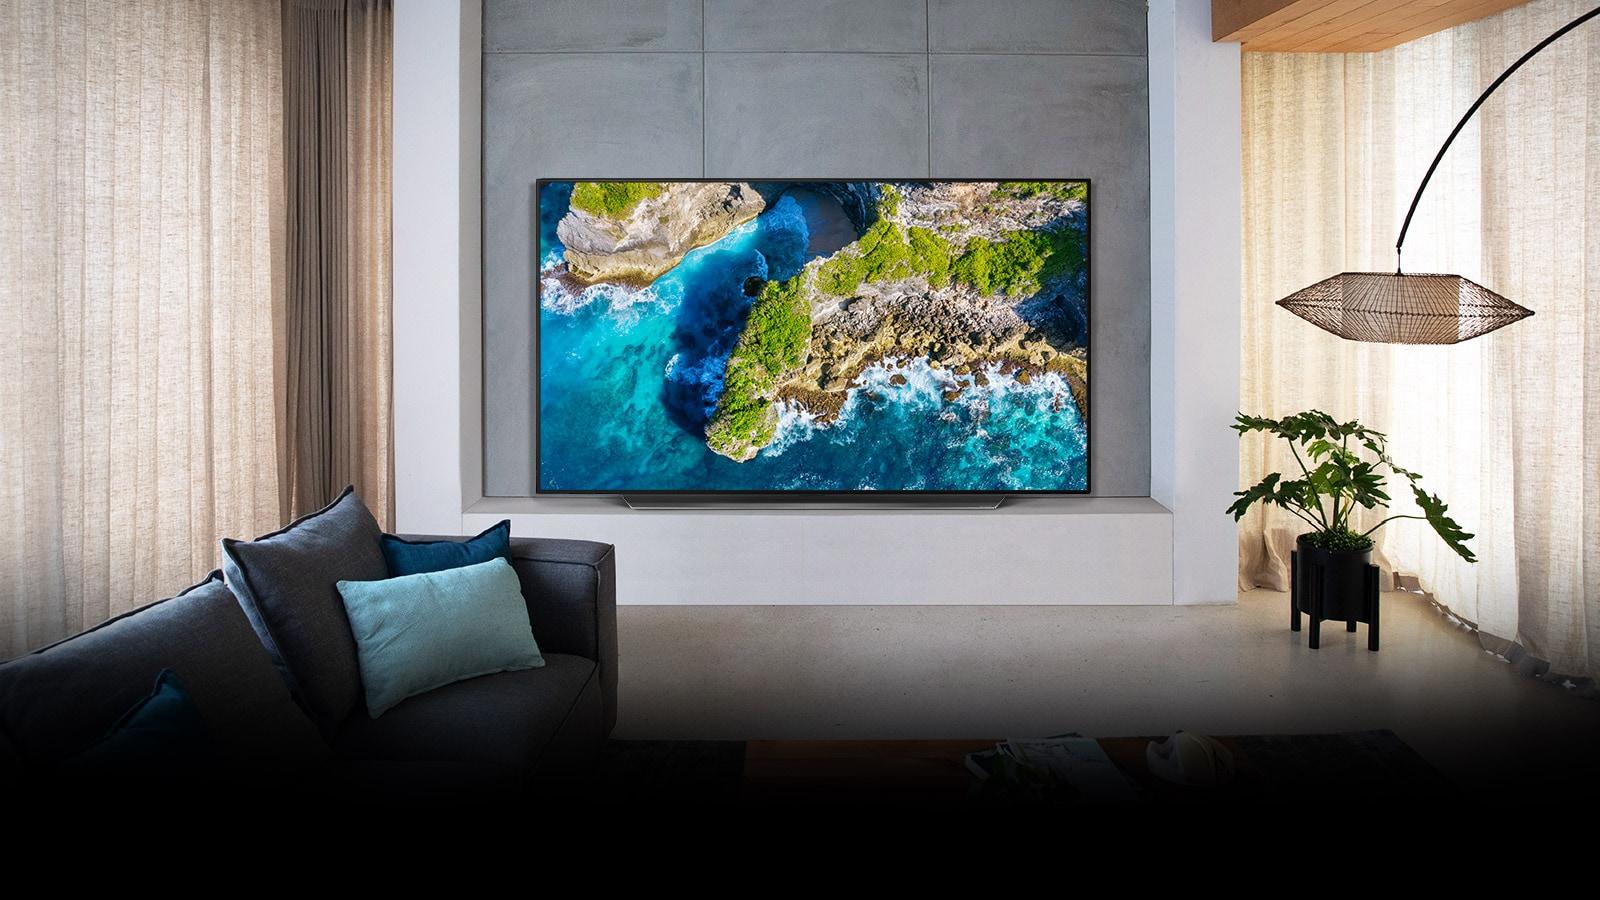 TV que muestra una vista aérea de la naturaleza en un ámbito hogareño lujoso